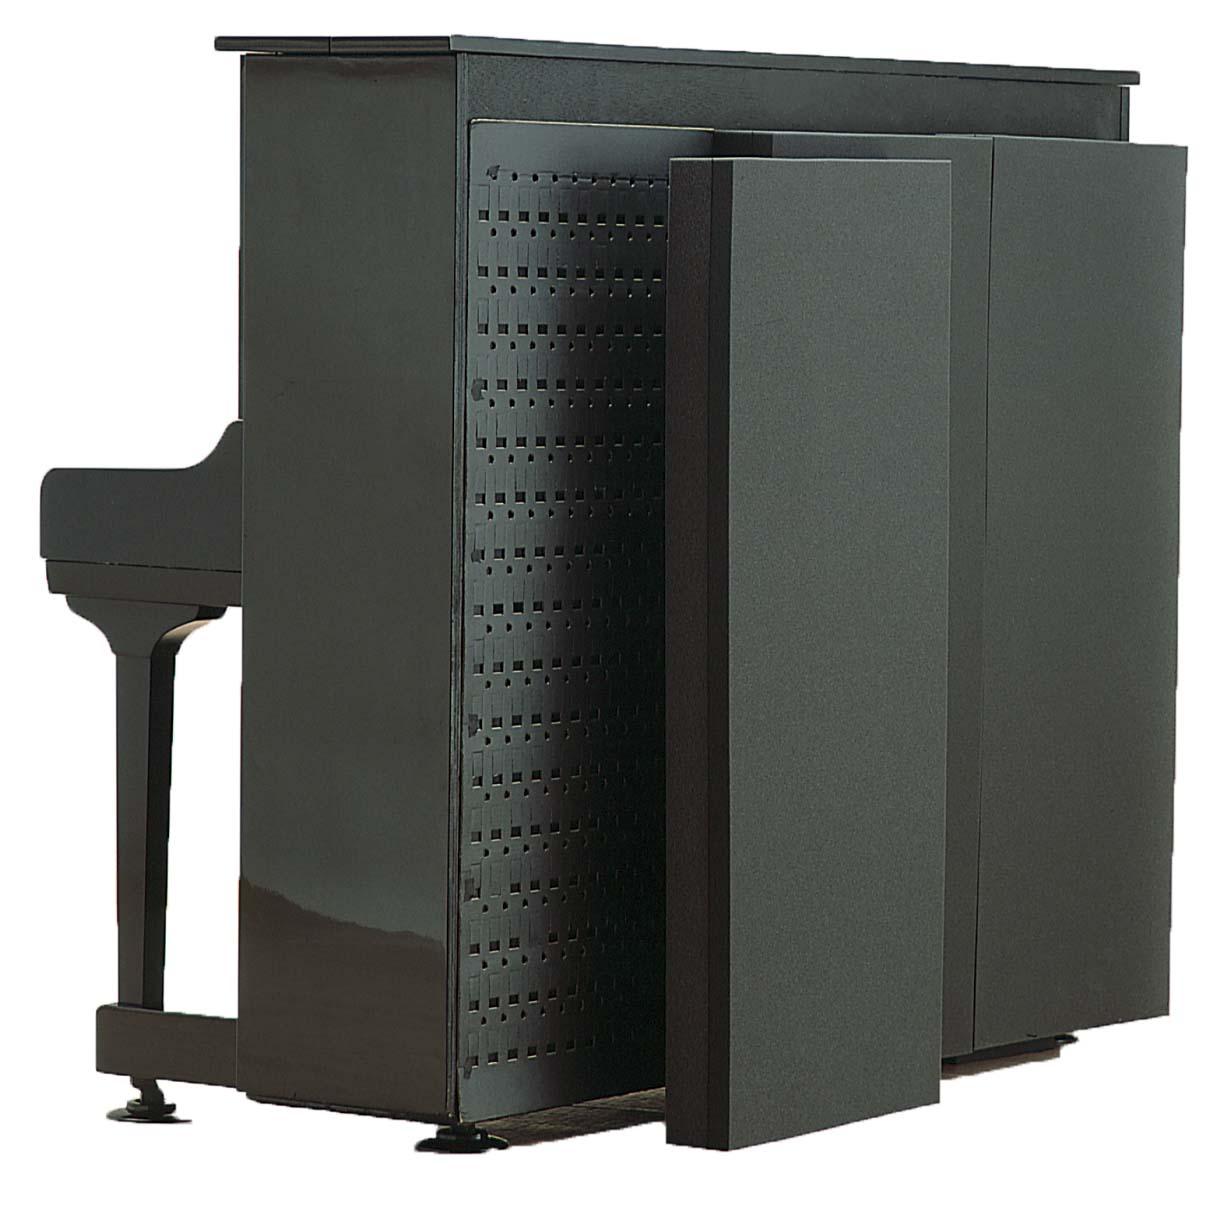 アップライトピアノ防音装置PTX-UP ピアノテックス【防音装置】